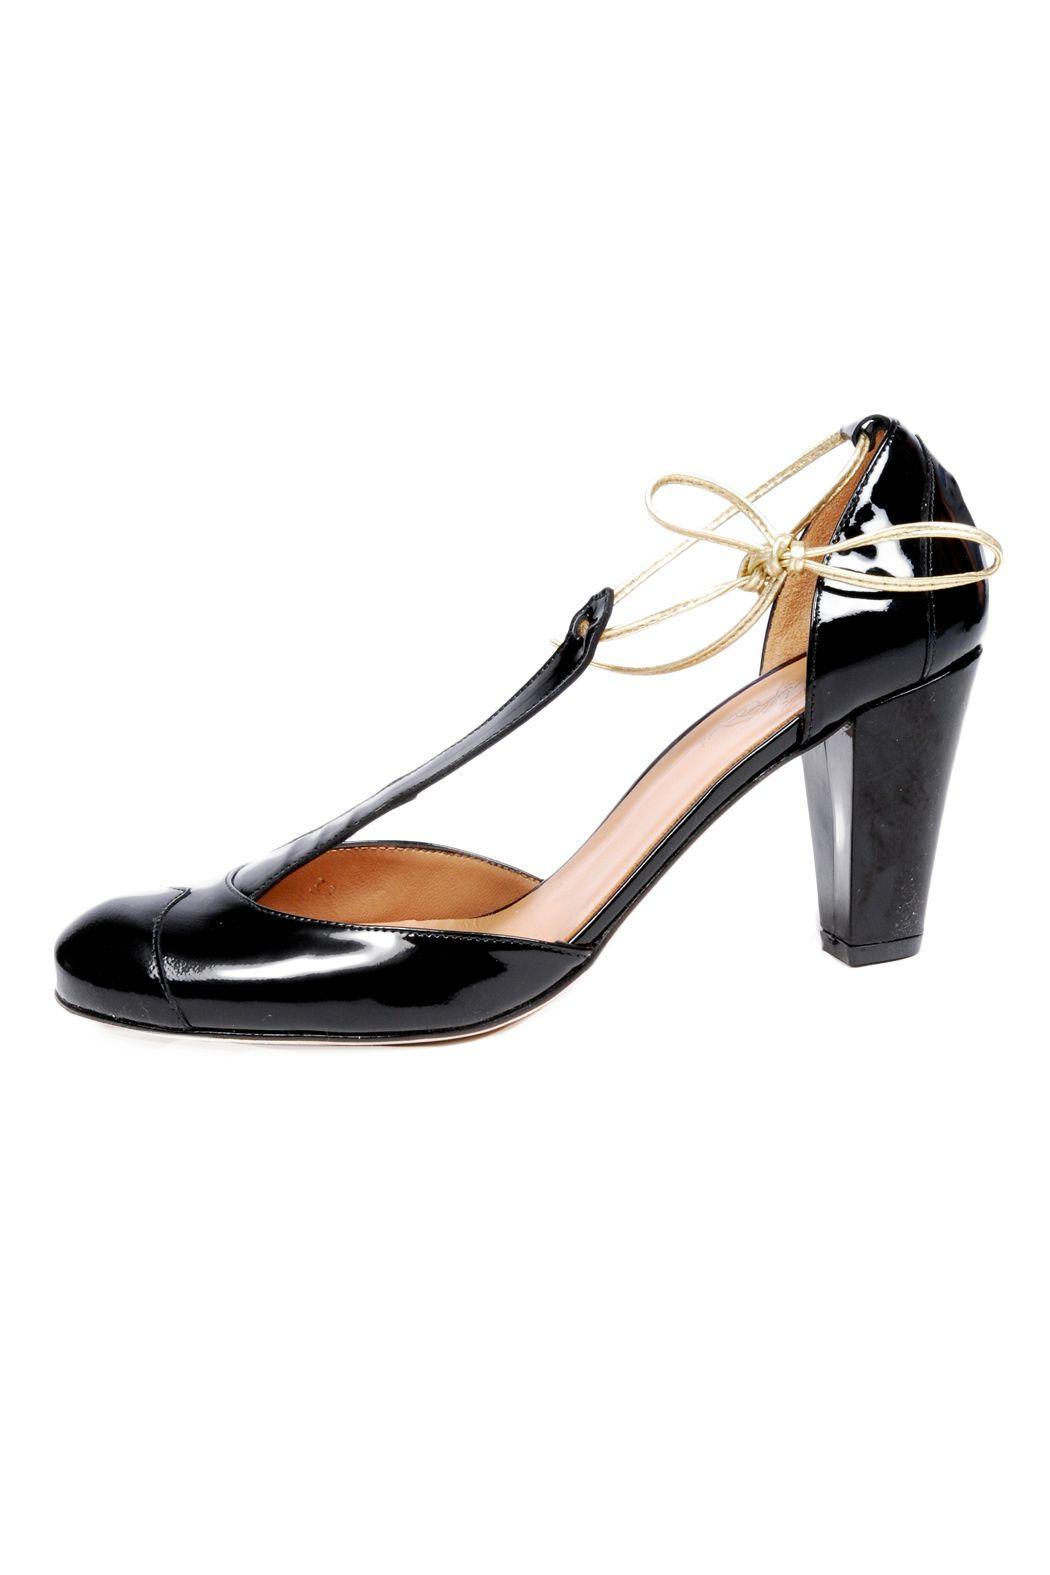 69525e26380 Leather Salome